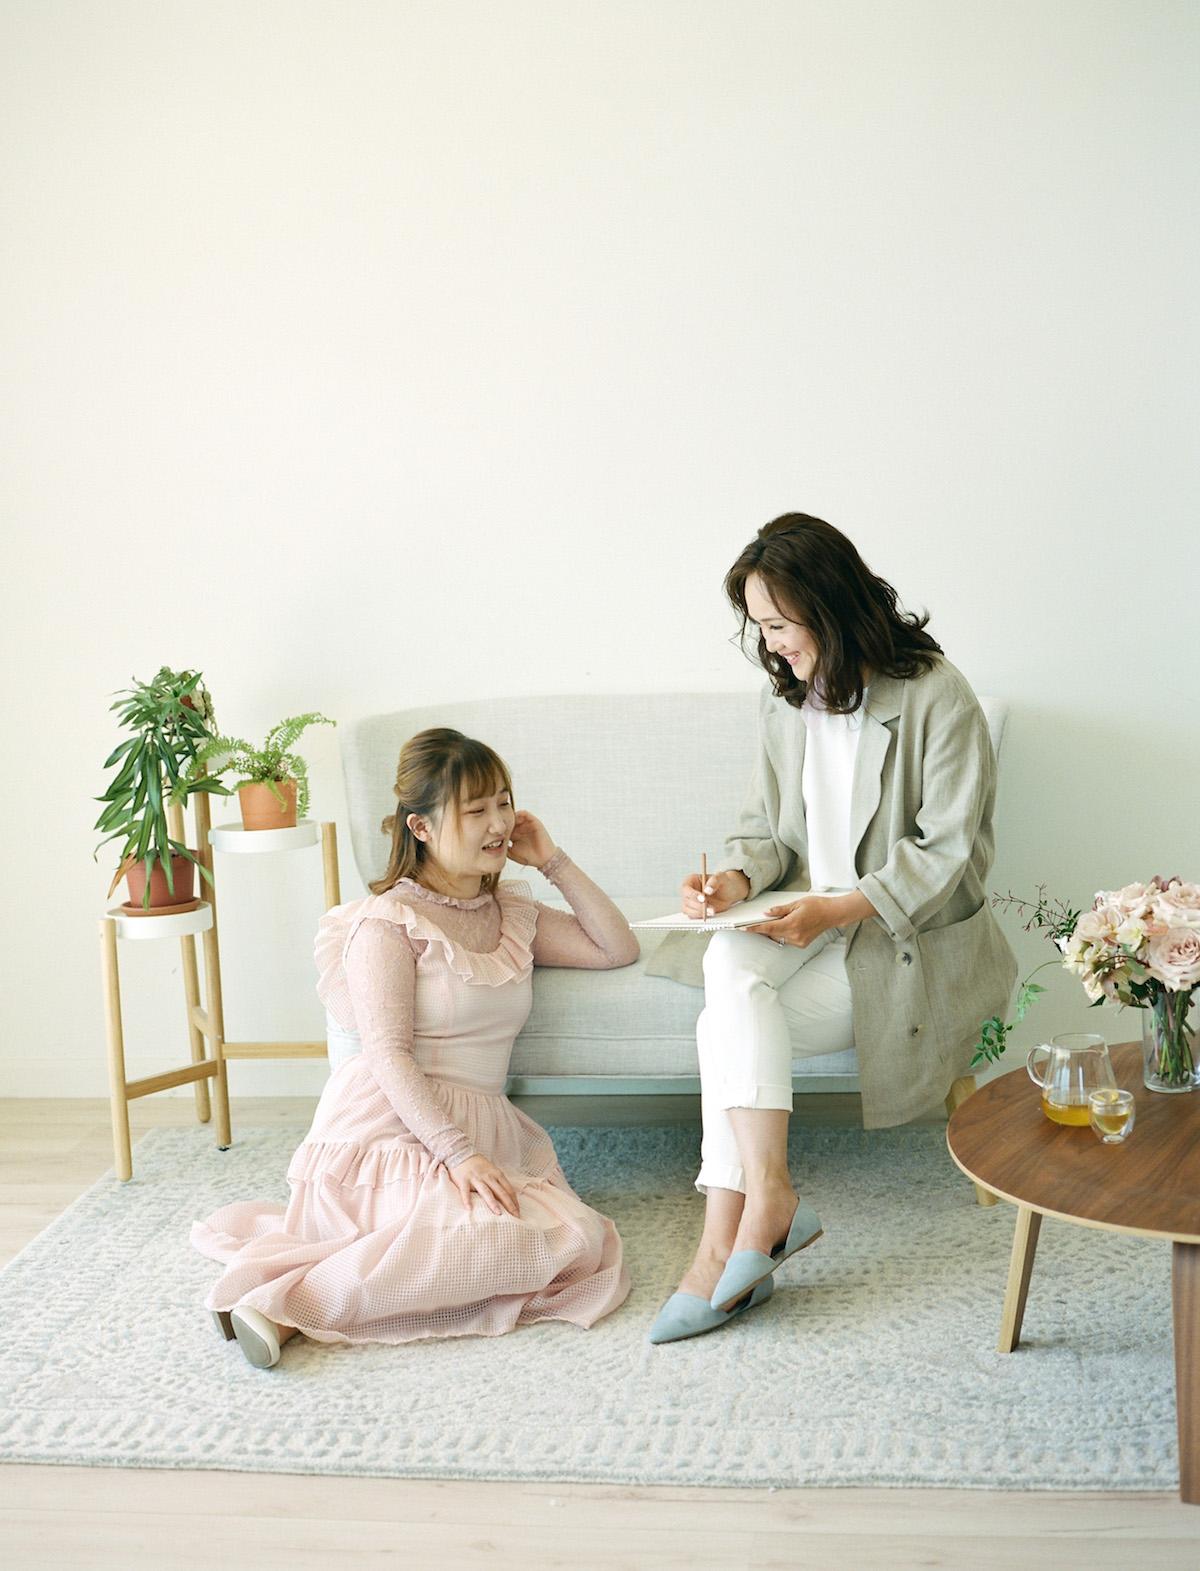 olea-and-fig-blooming-wed-brand-shoot-50.jpg